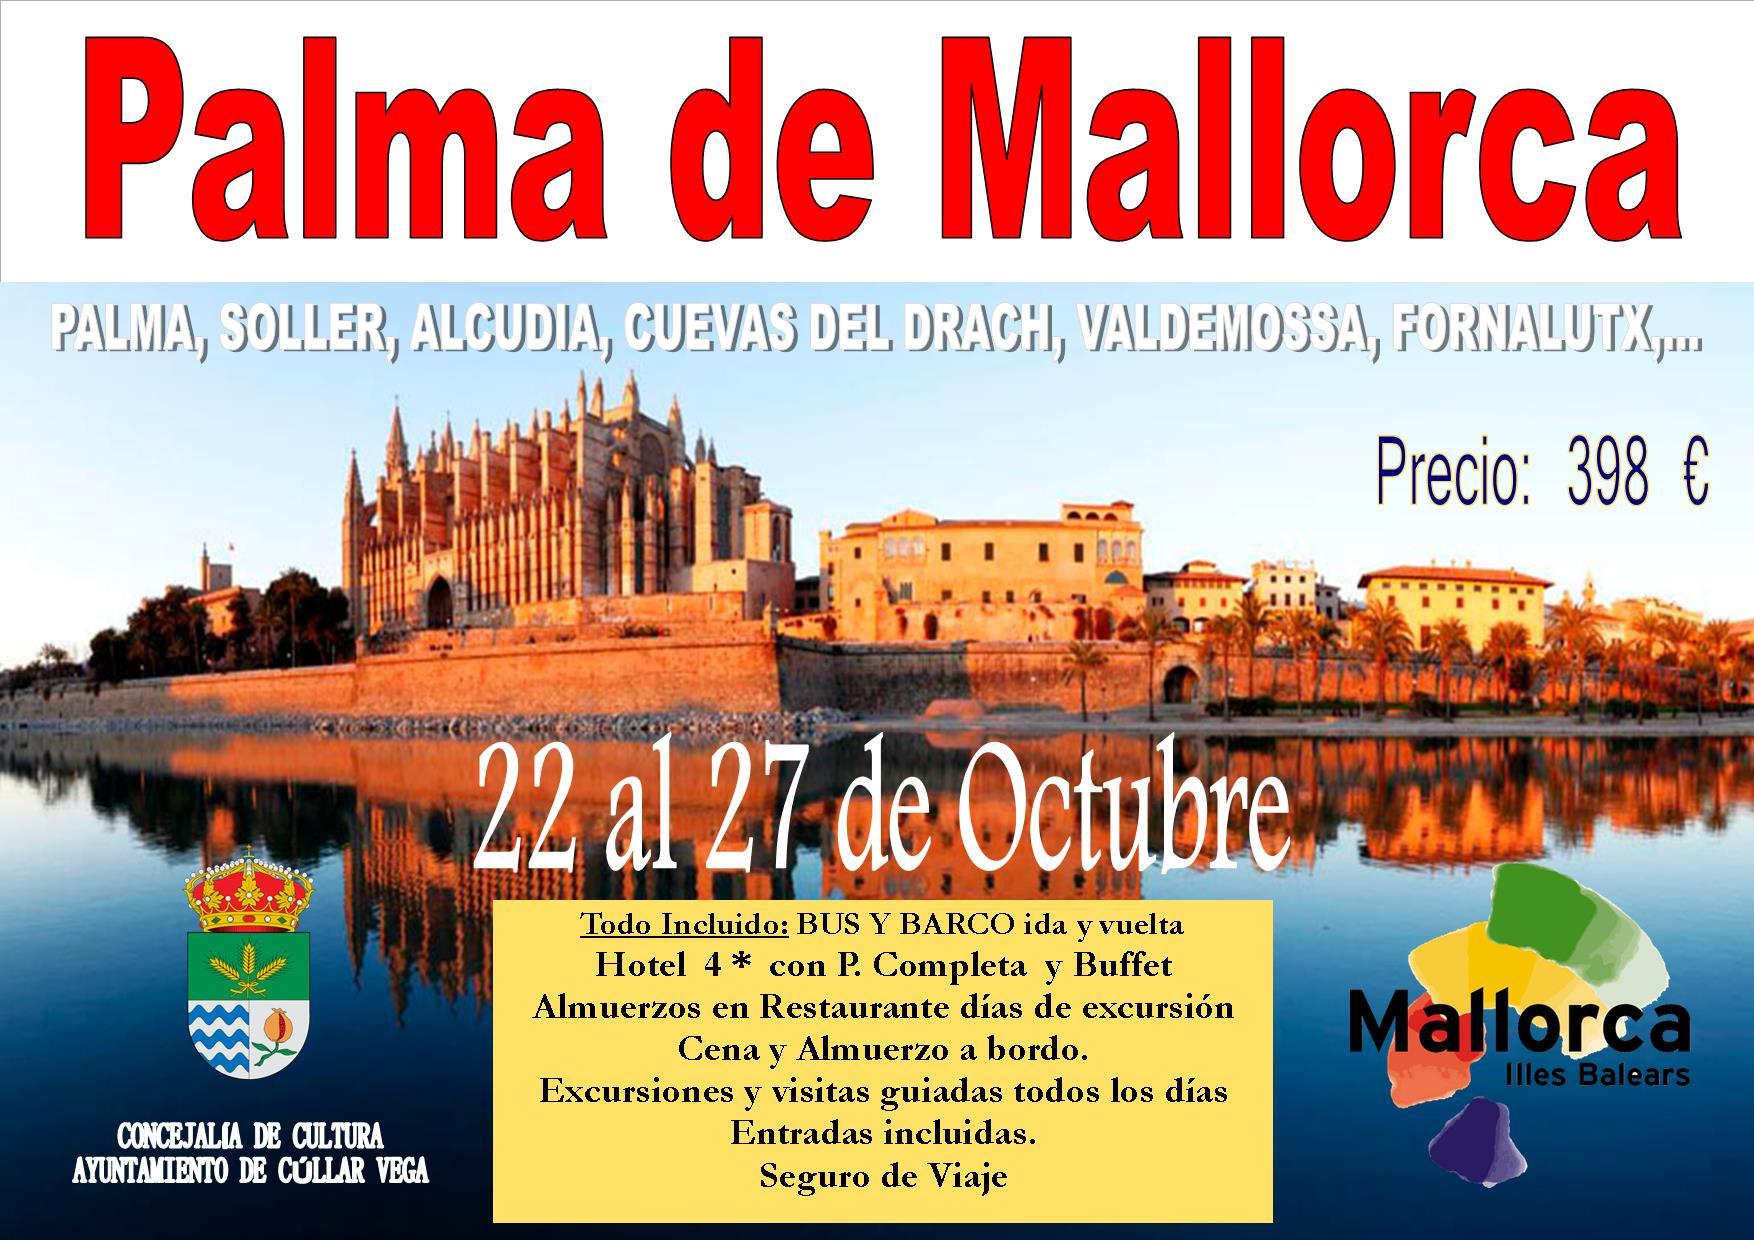 Viaje Palma de Mallorca 22 al 27 de Octubre